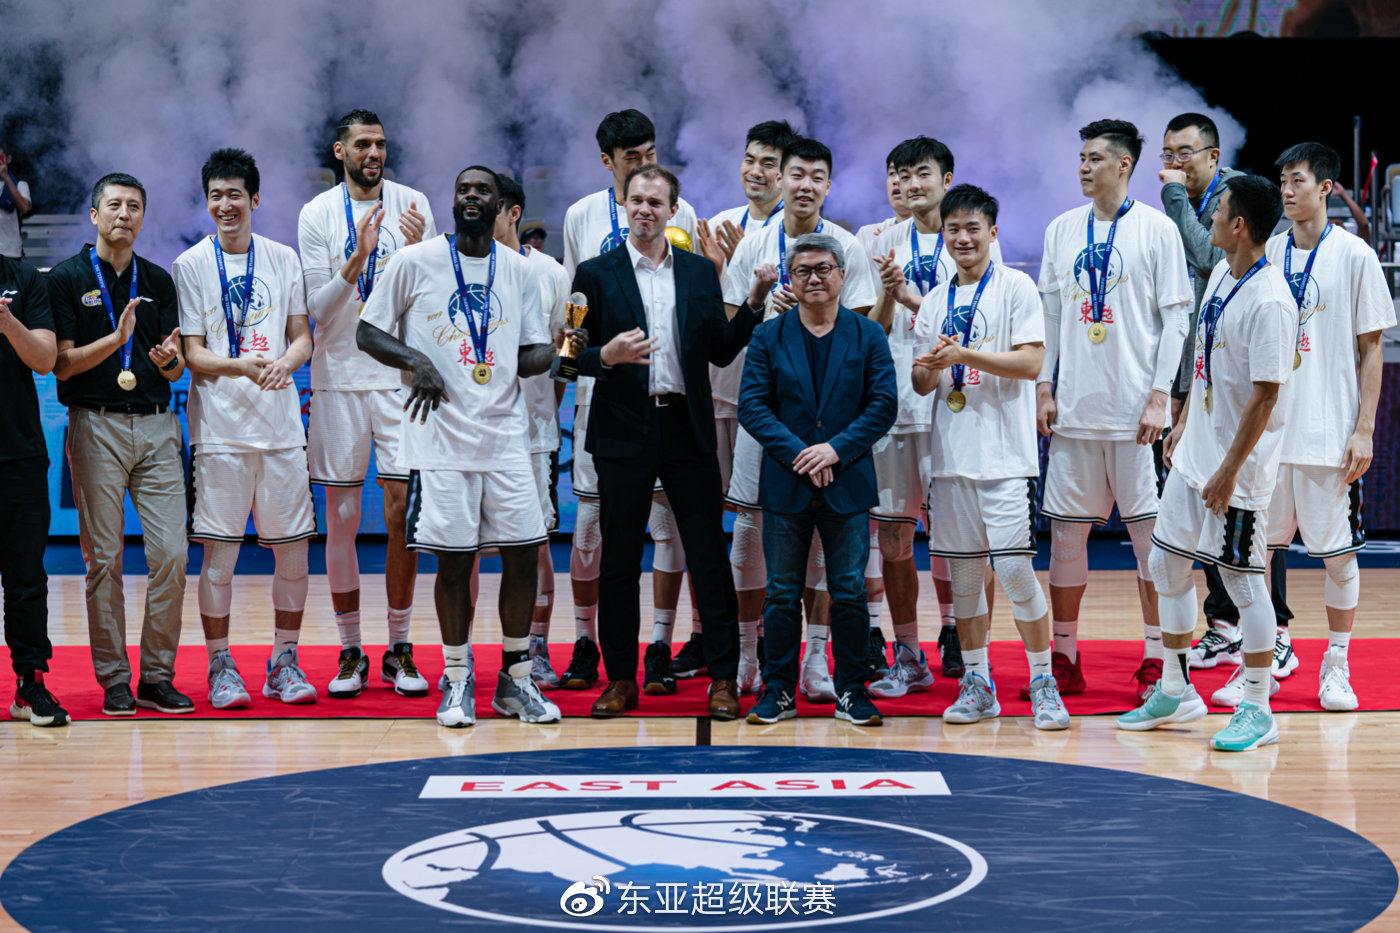 东亚超级联赛与FIBA签定多年制定以升迁东亚俱笑部程度